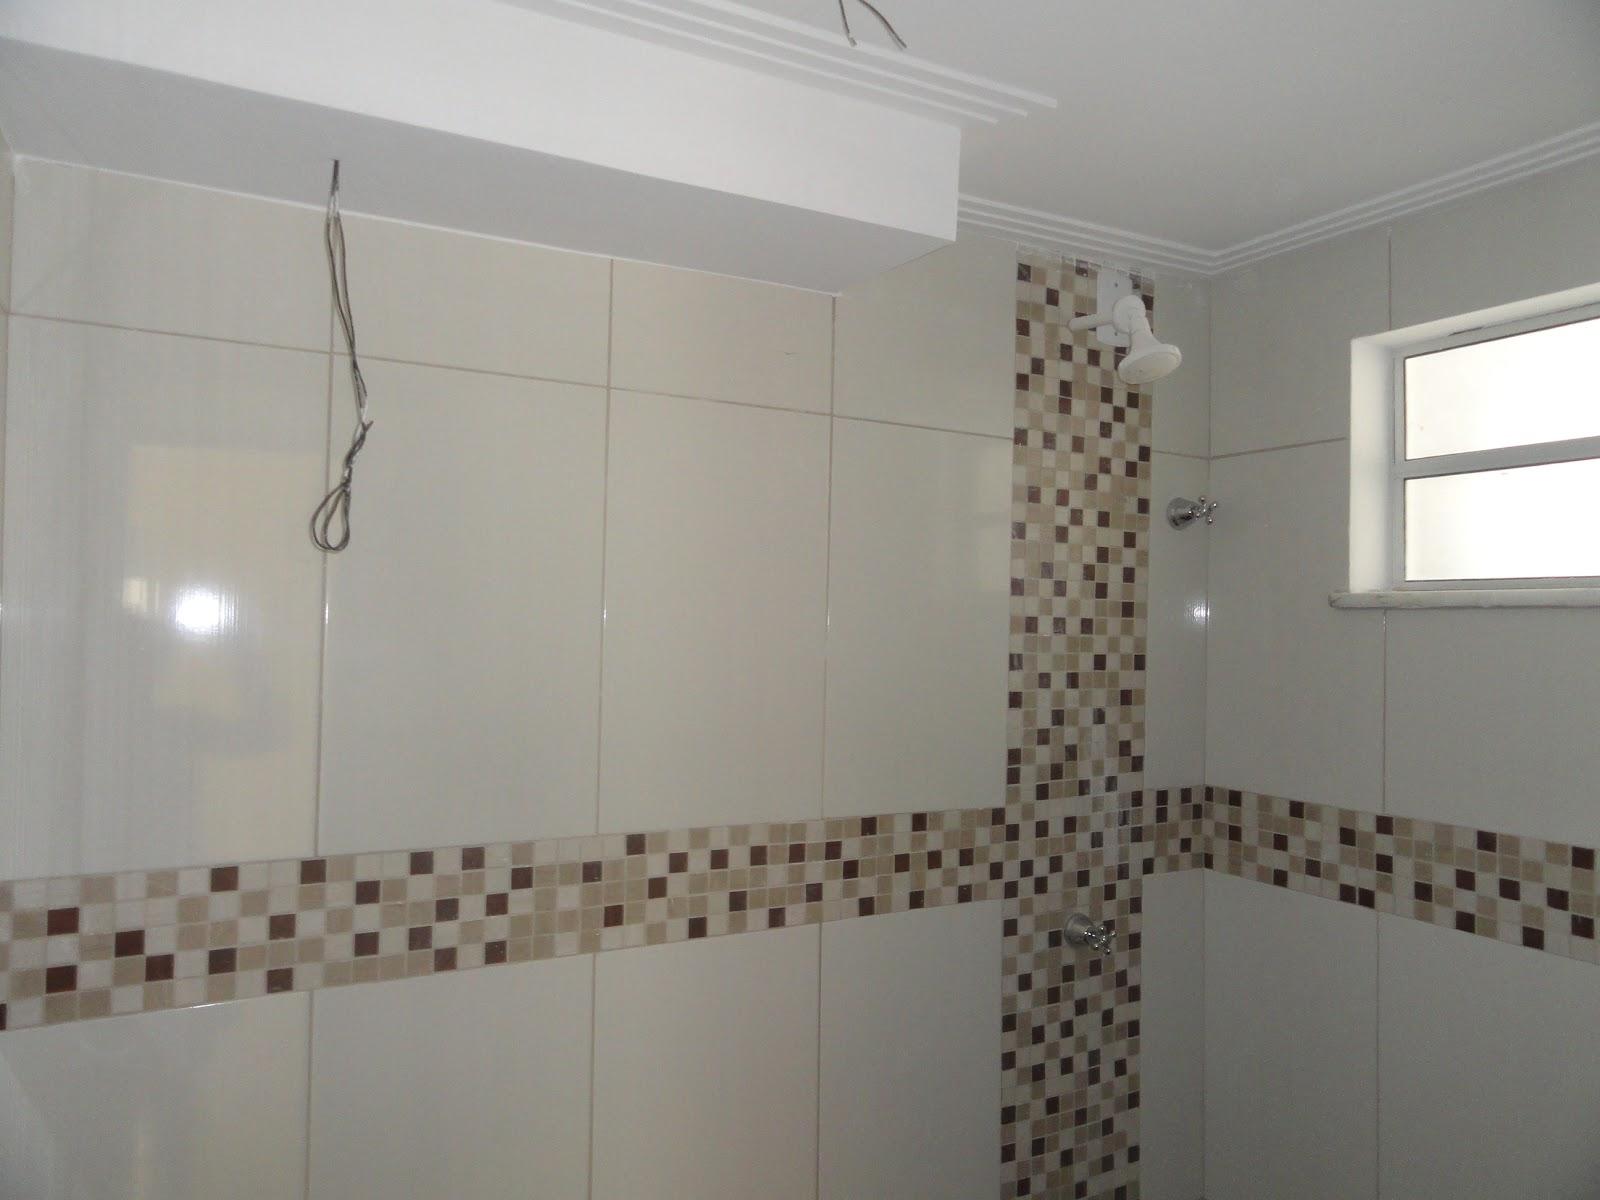 BANHEIRO SÓ ESPERANDO: CHOVEIRO ILUMINAÇÃO VASO PIA E BOX #413630 1600x1200 Banheiro Container Bahia